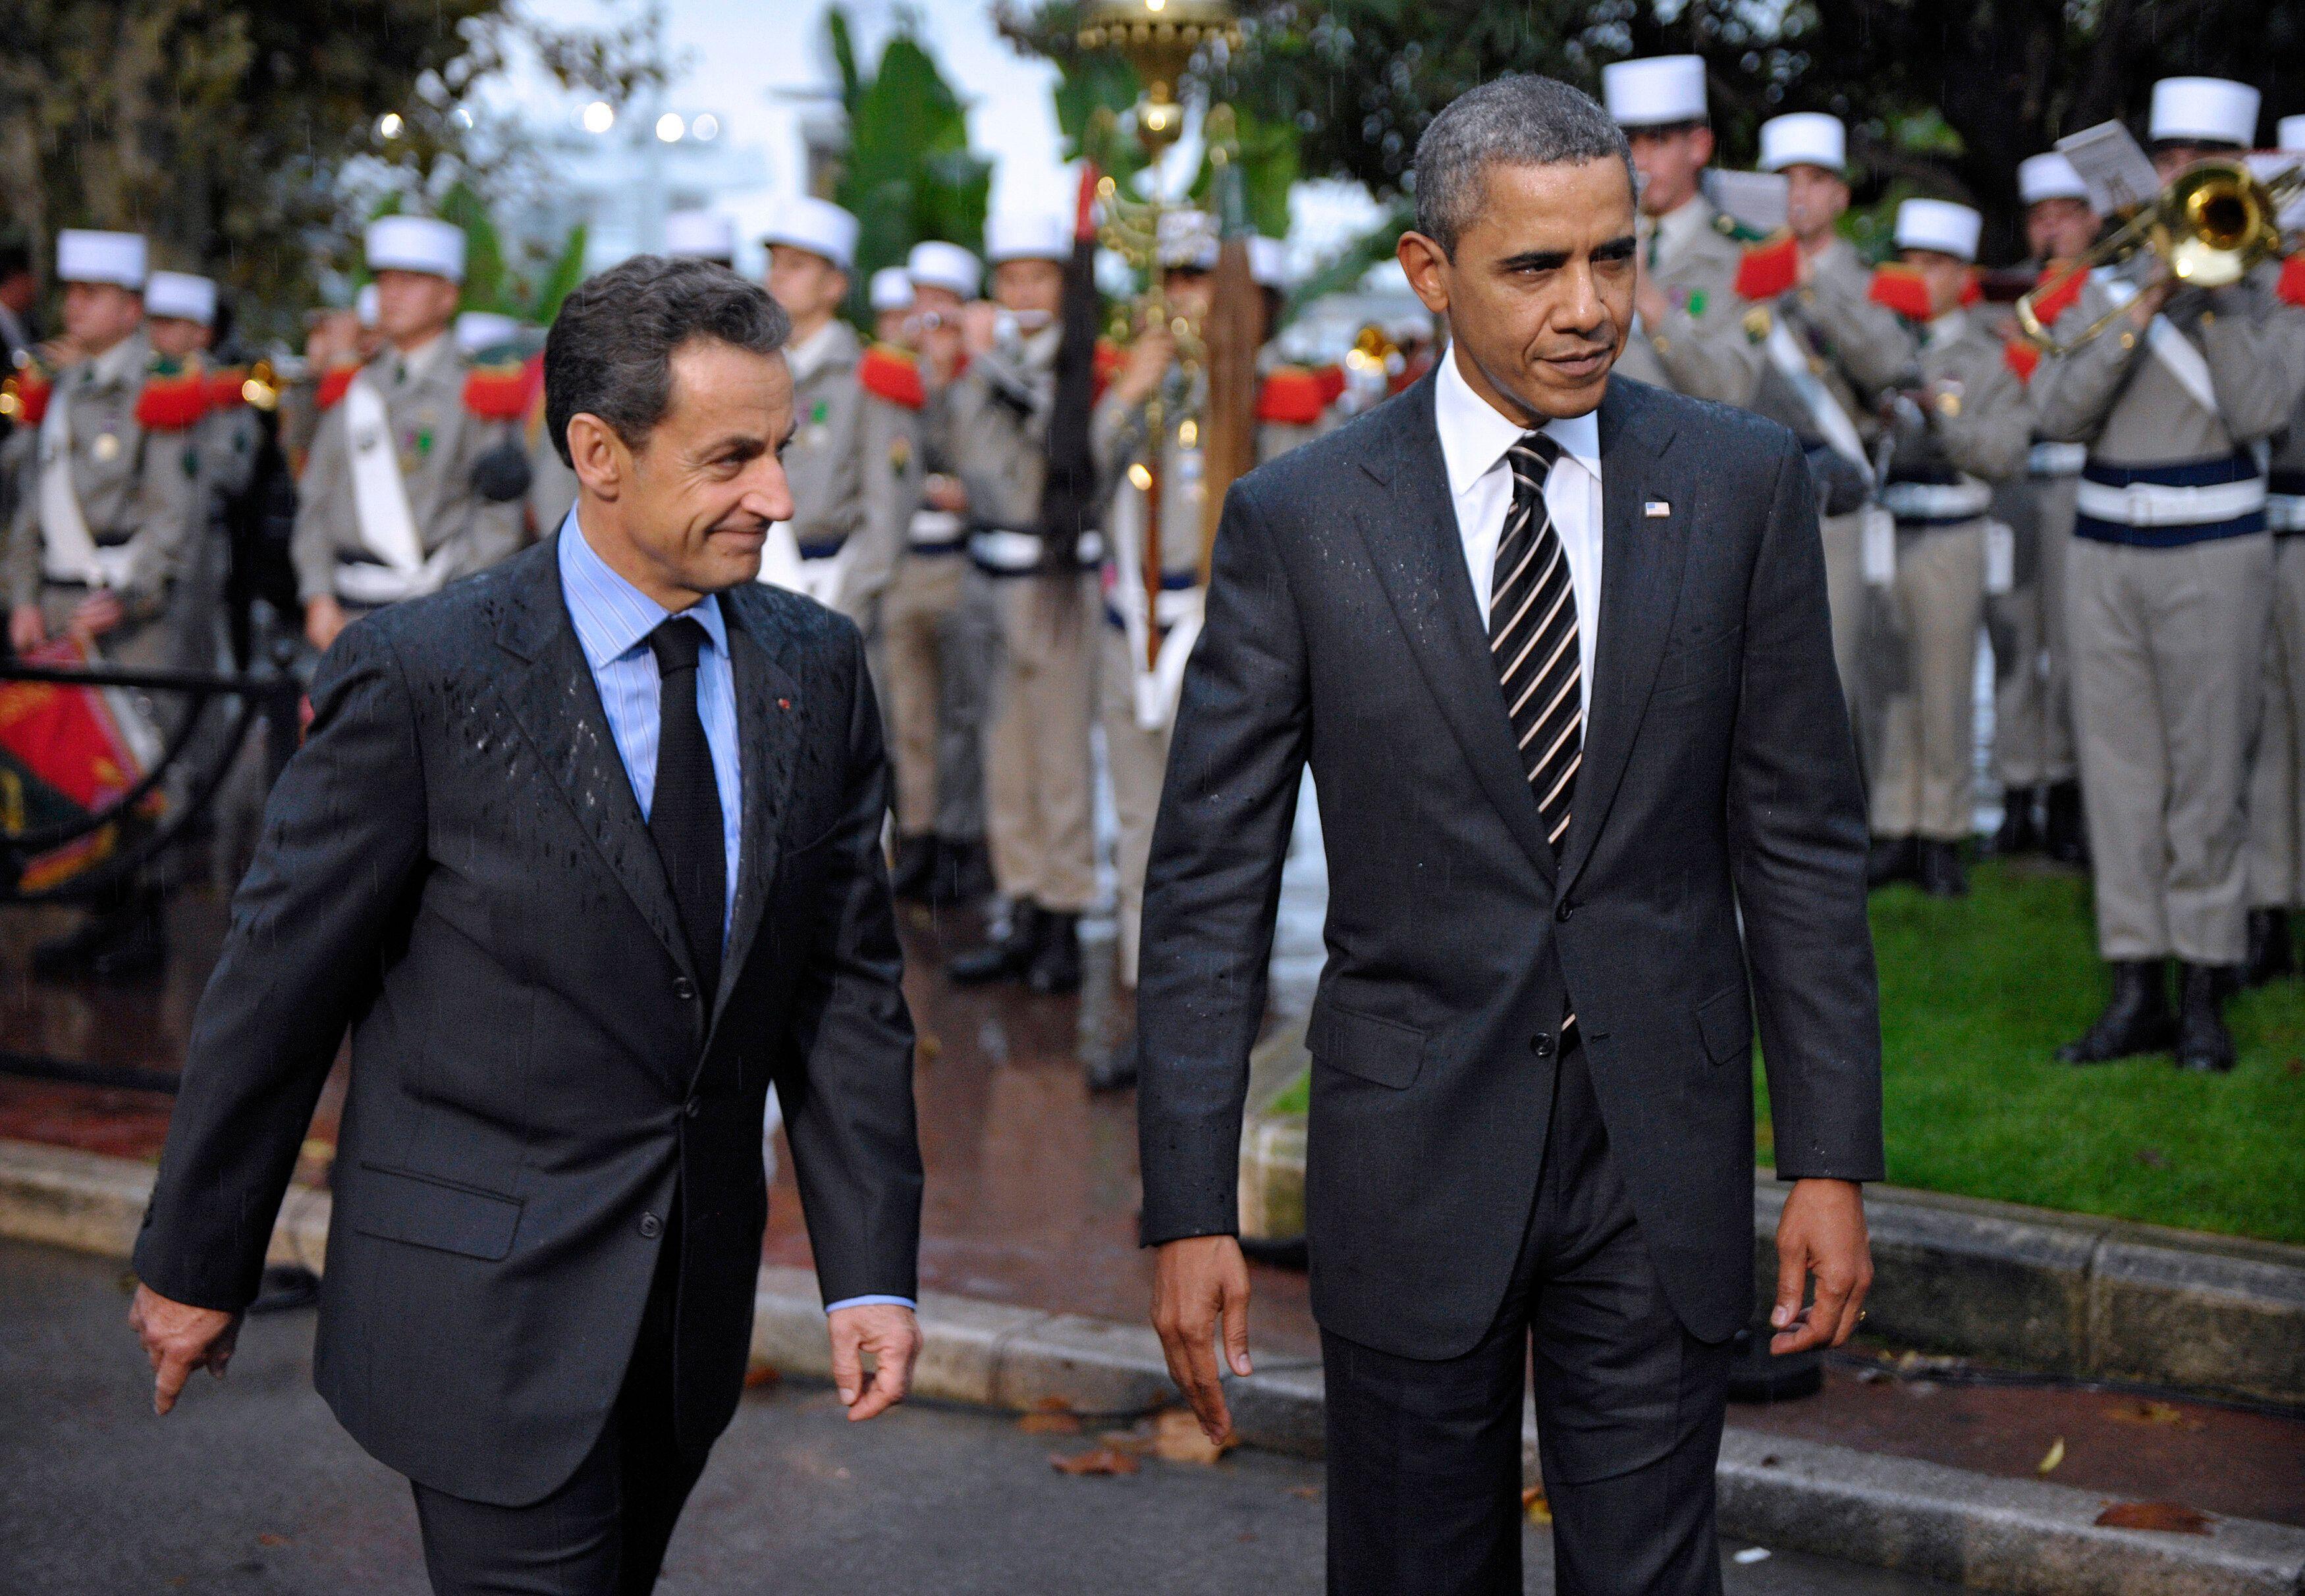 Nicolas Sarkozy et Barack Obama, ici à Cannes le 4 novembre